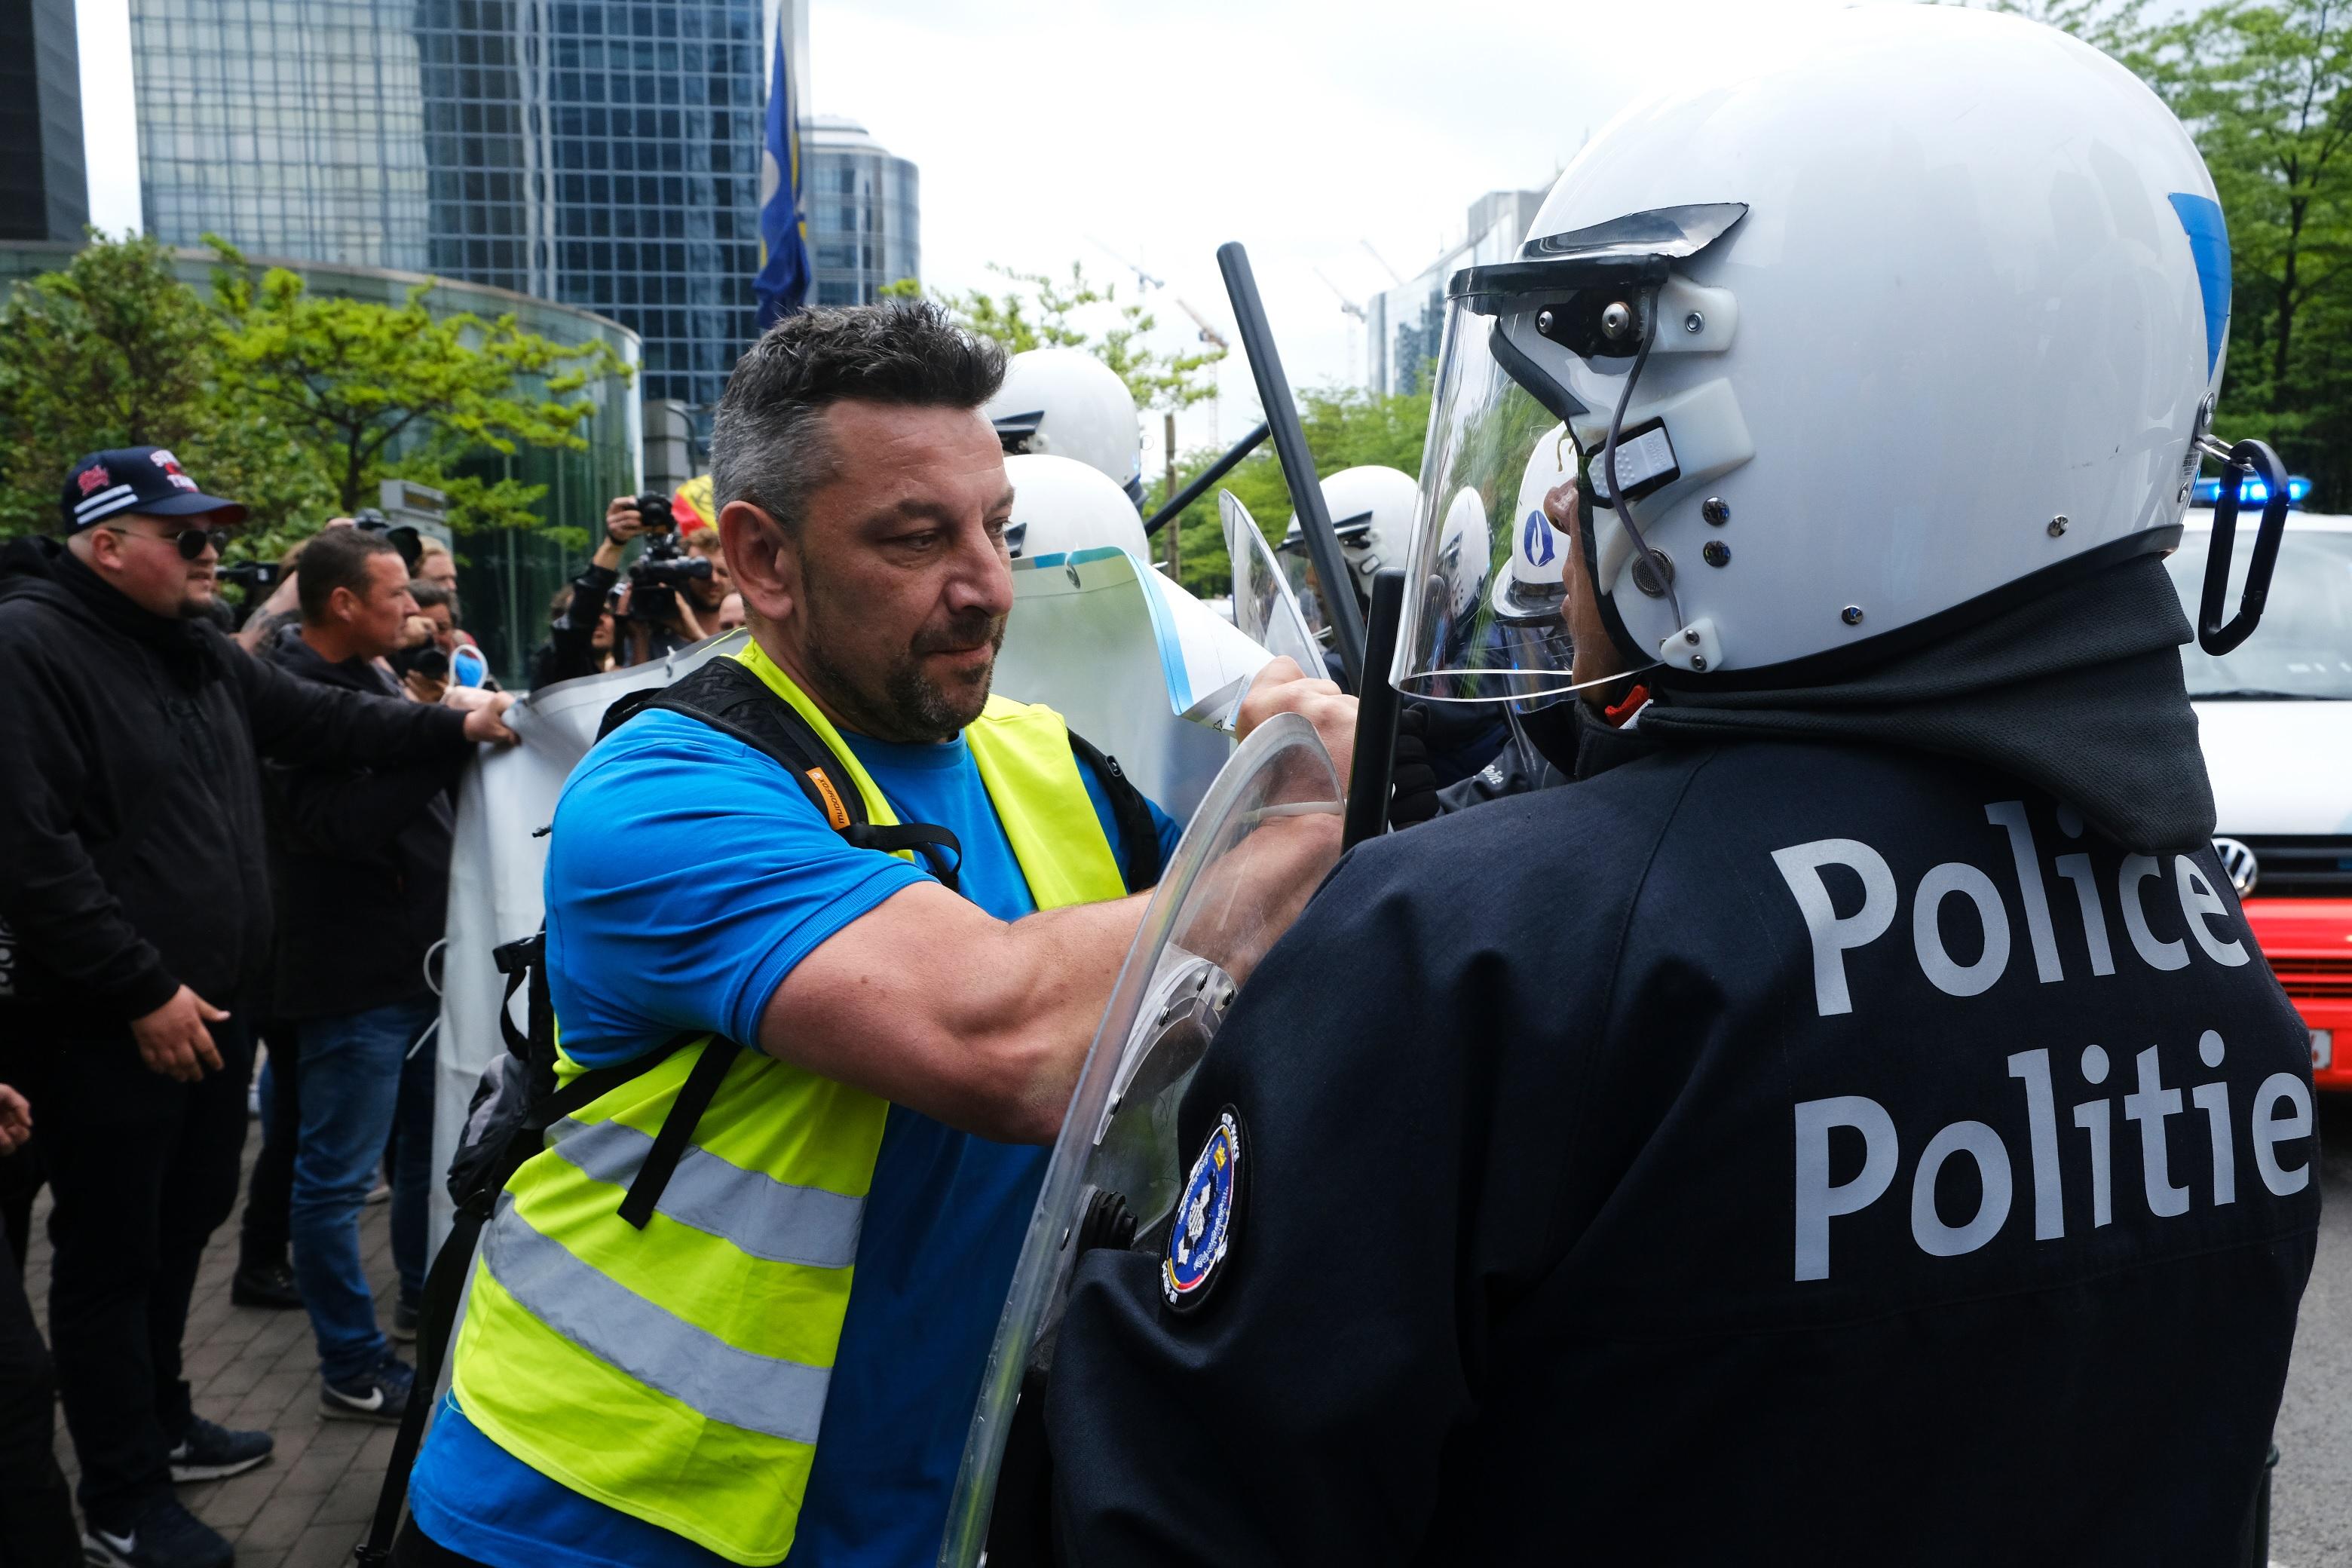 Encore un policier victime d'un tir crapuleux … à quand une initiative concrète de nos politiques ?